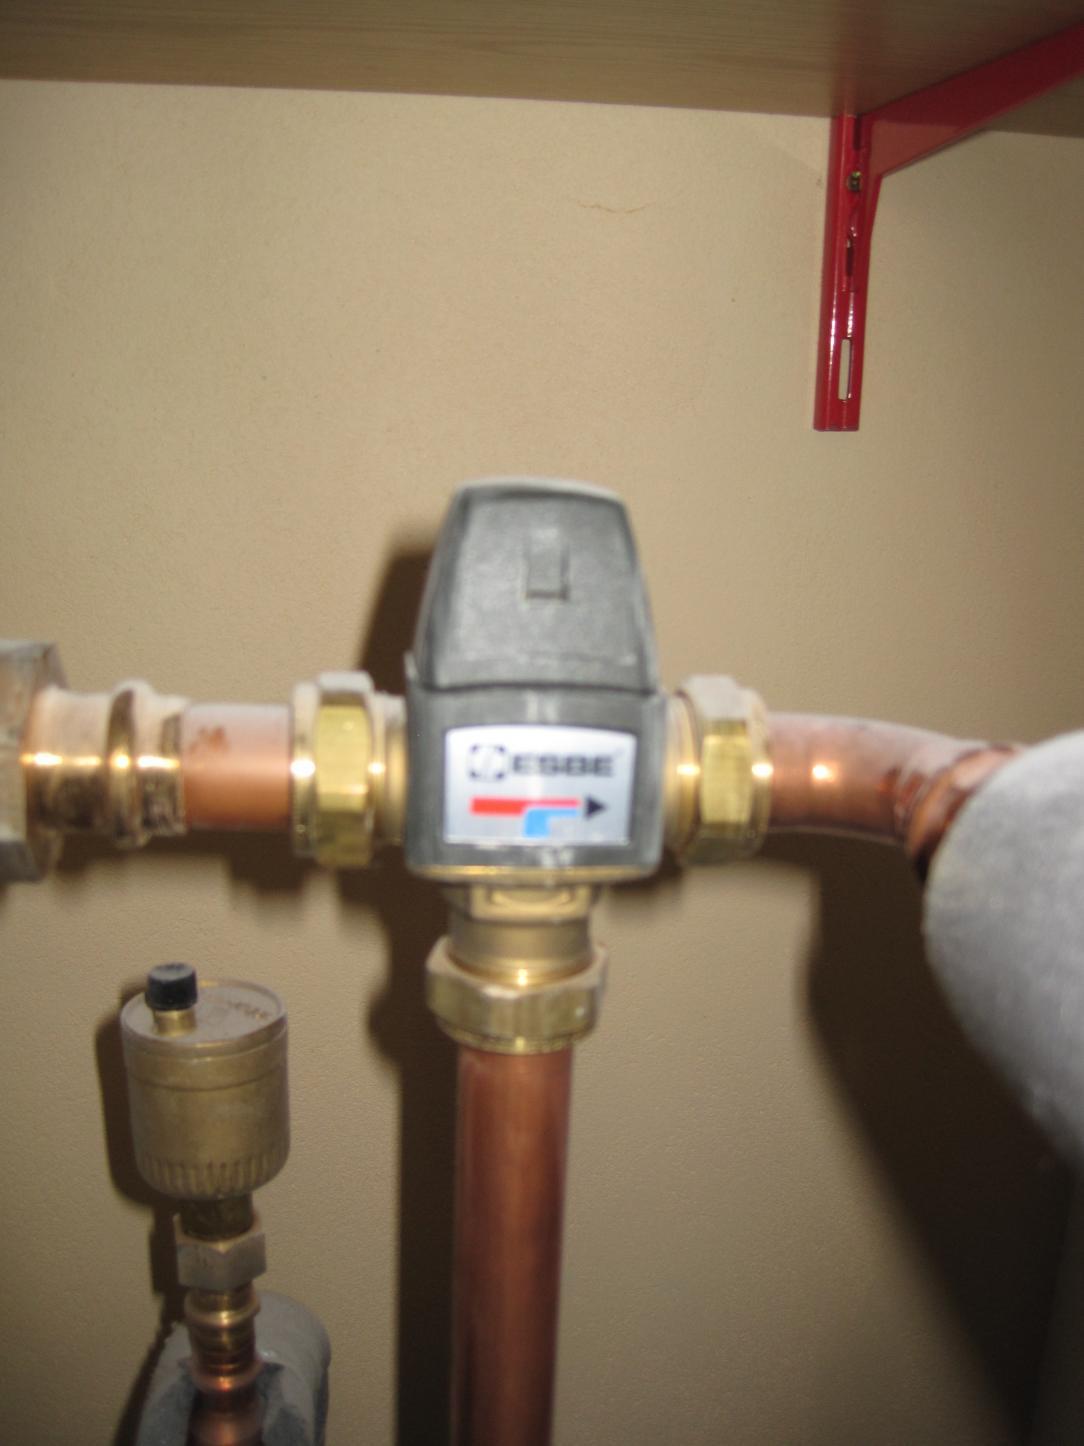 Berühmt Druck bei Warmwasser geringer als bei Kaltwasser DM57